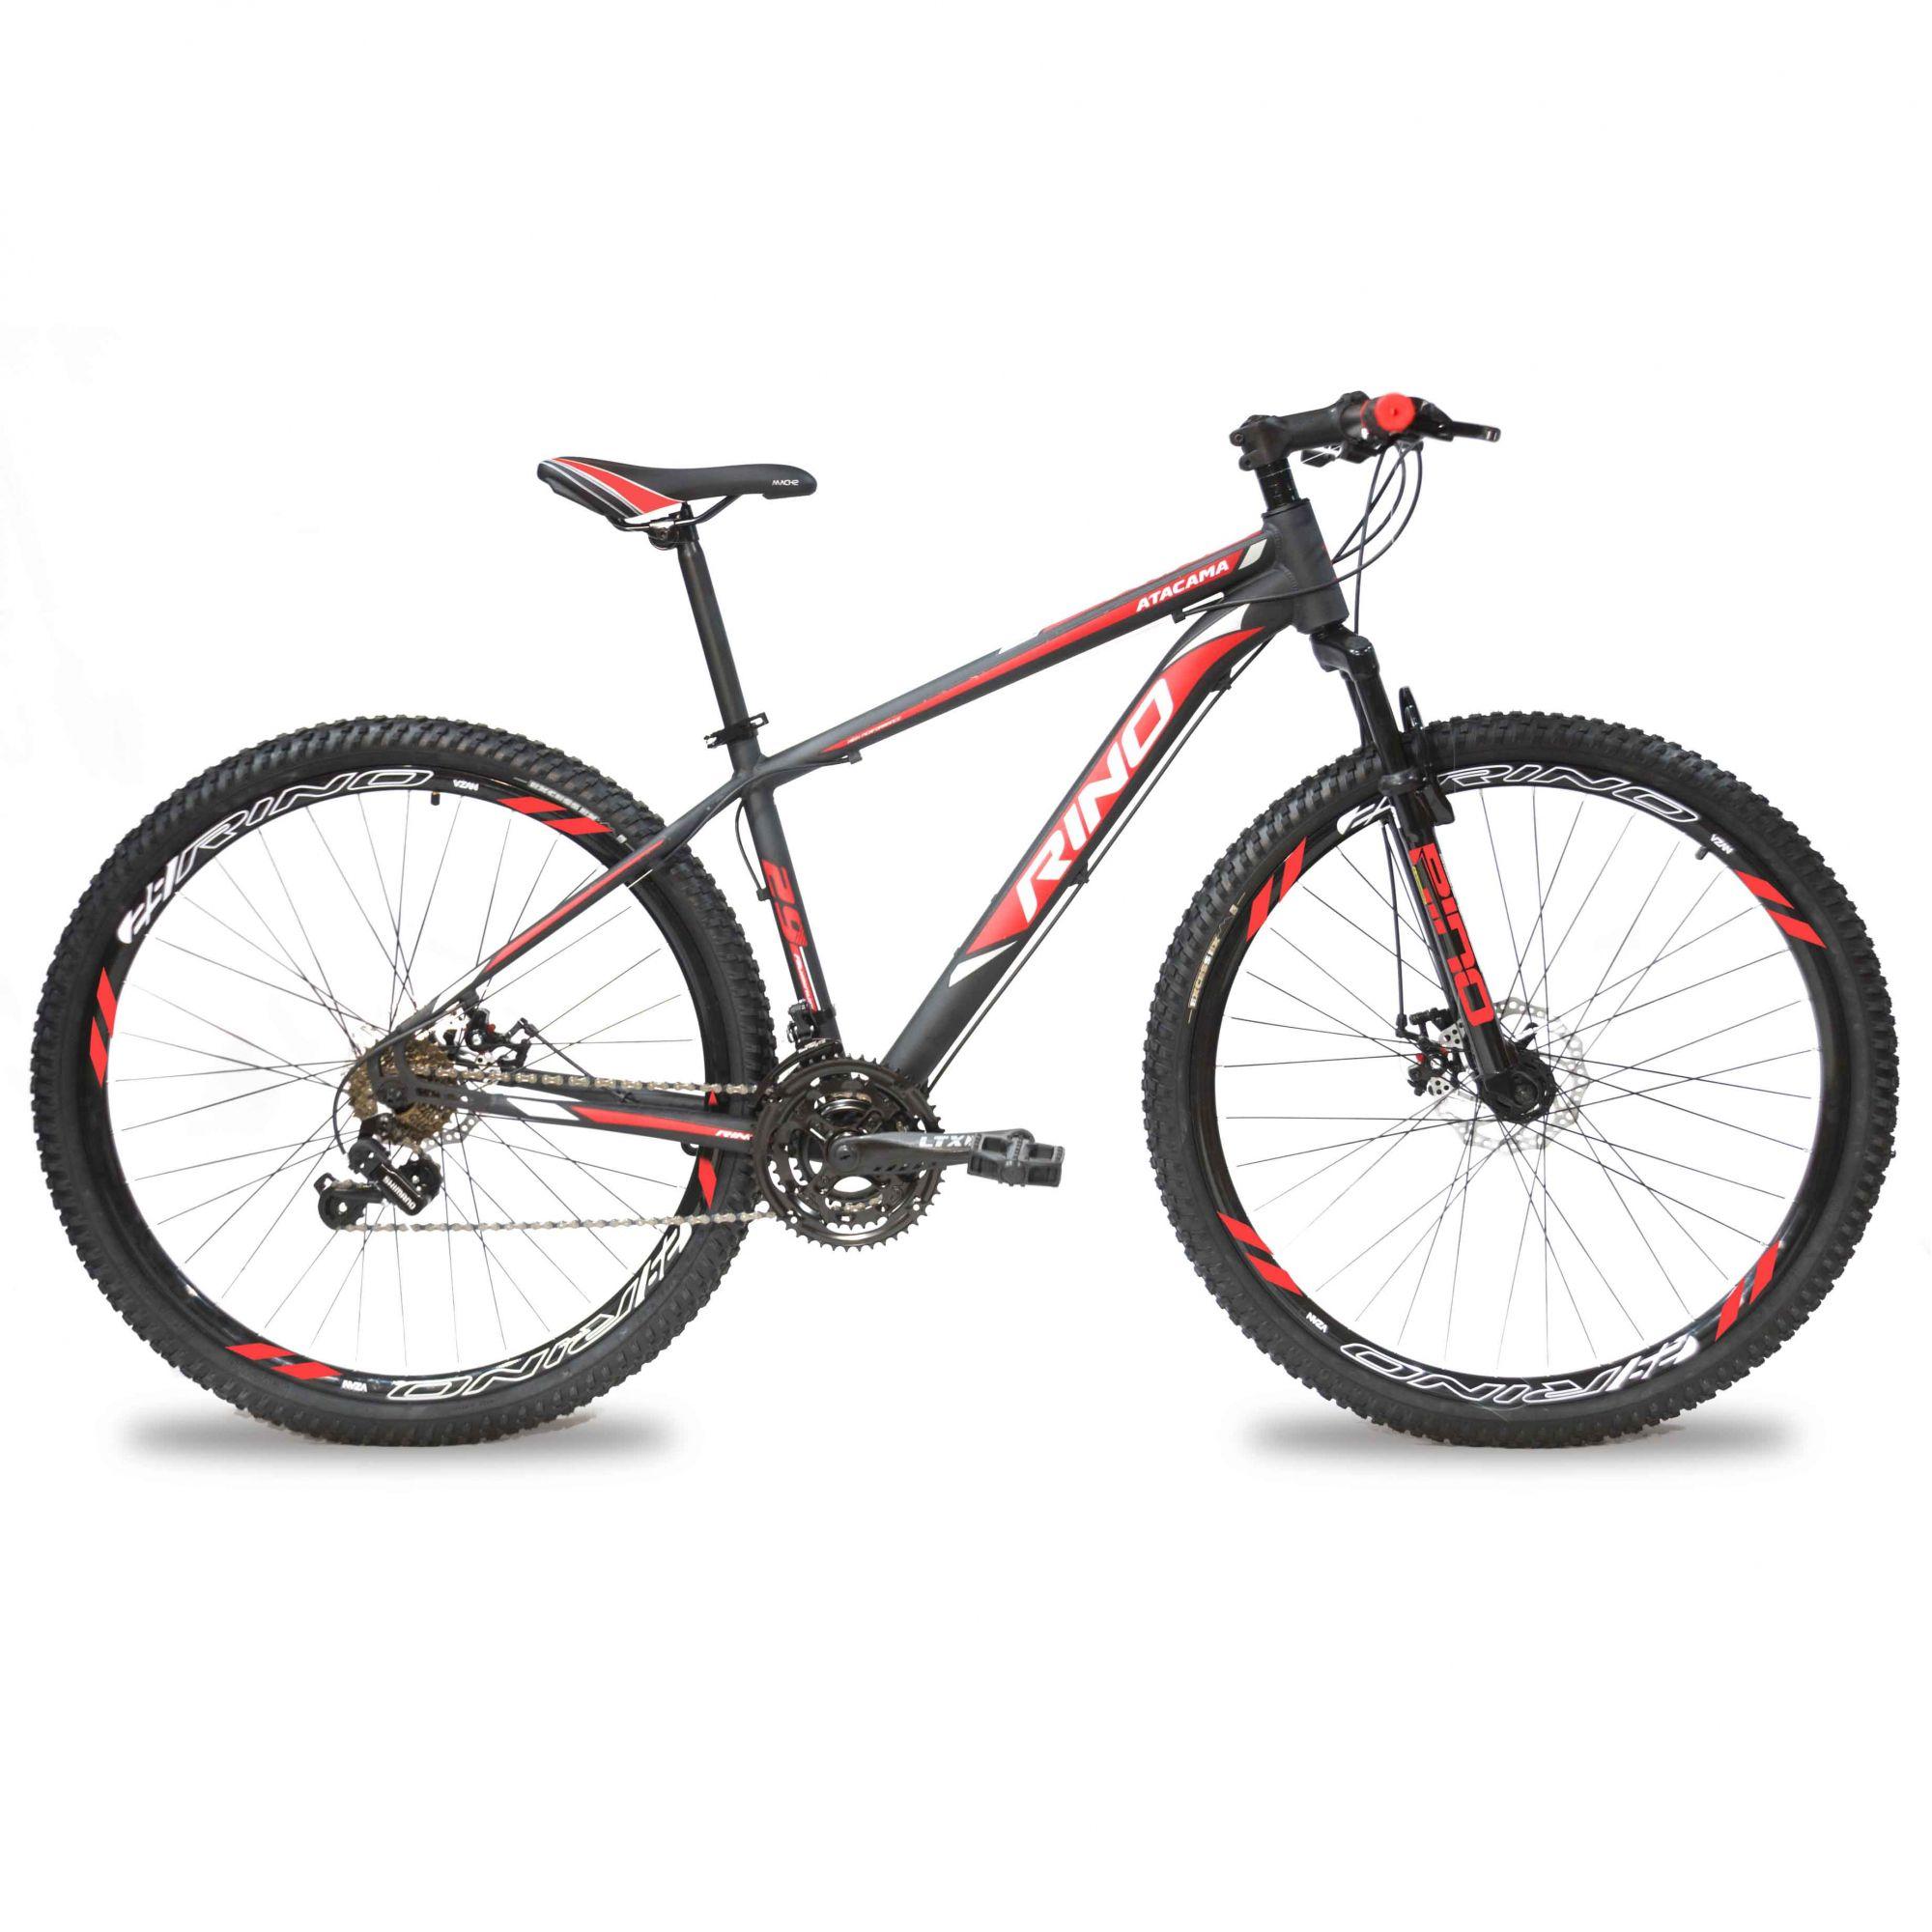 Bicicleta RINO Atacama câmbios Shimano aro 29 freio a disco 24v -  Extremebike ... 492550289a2